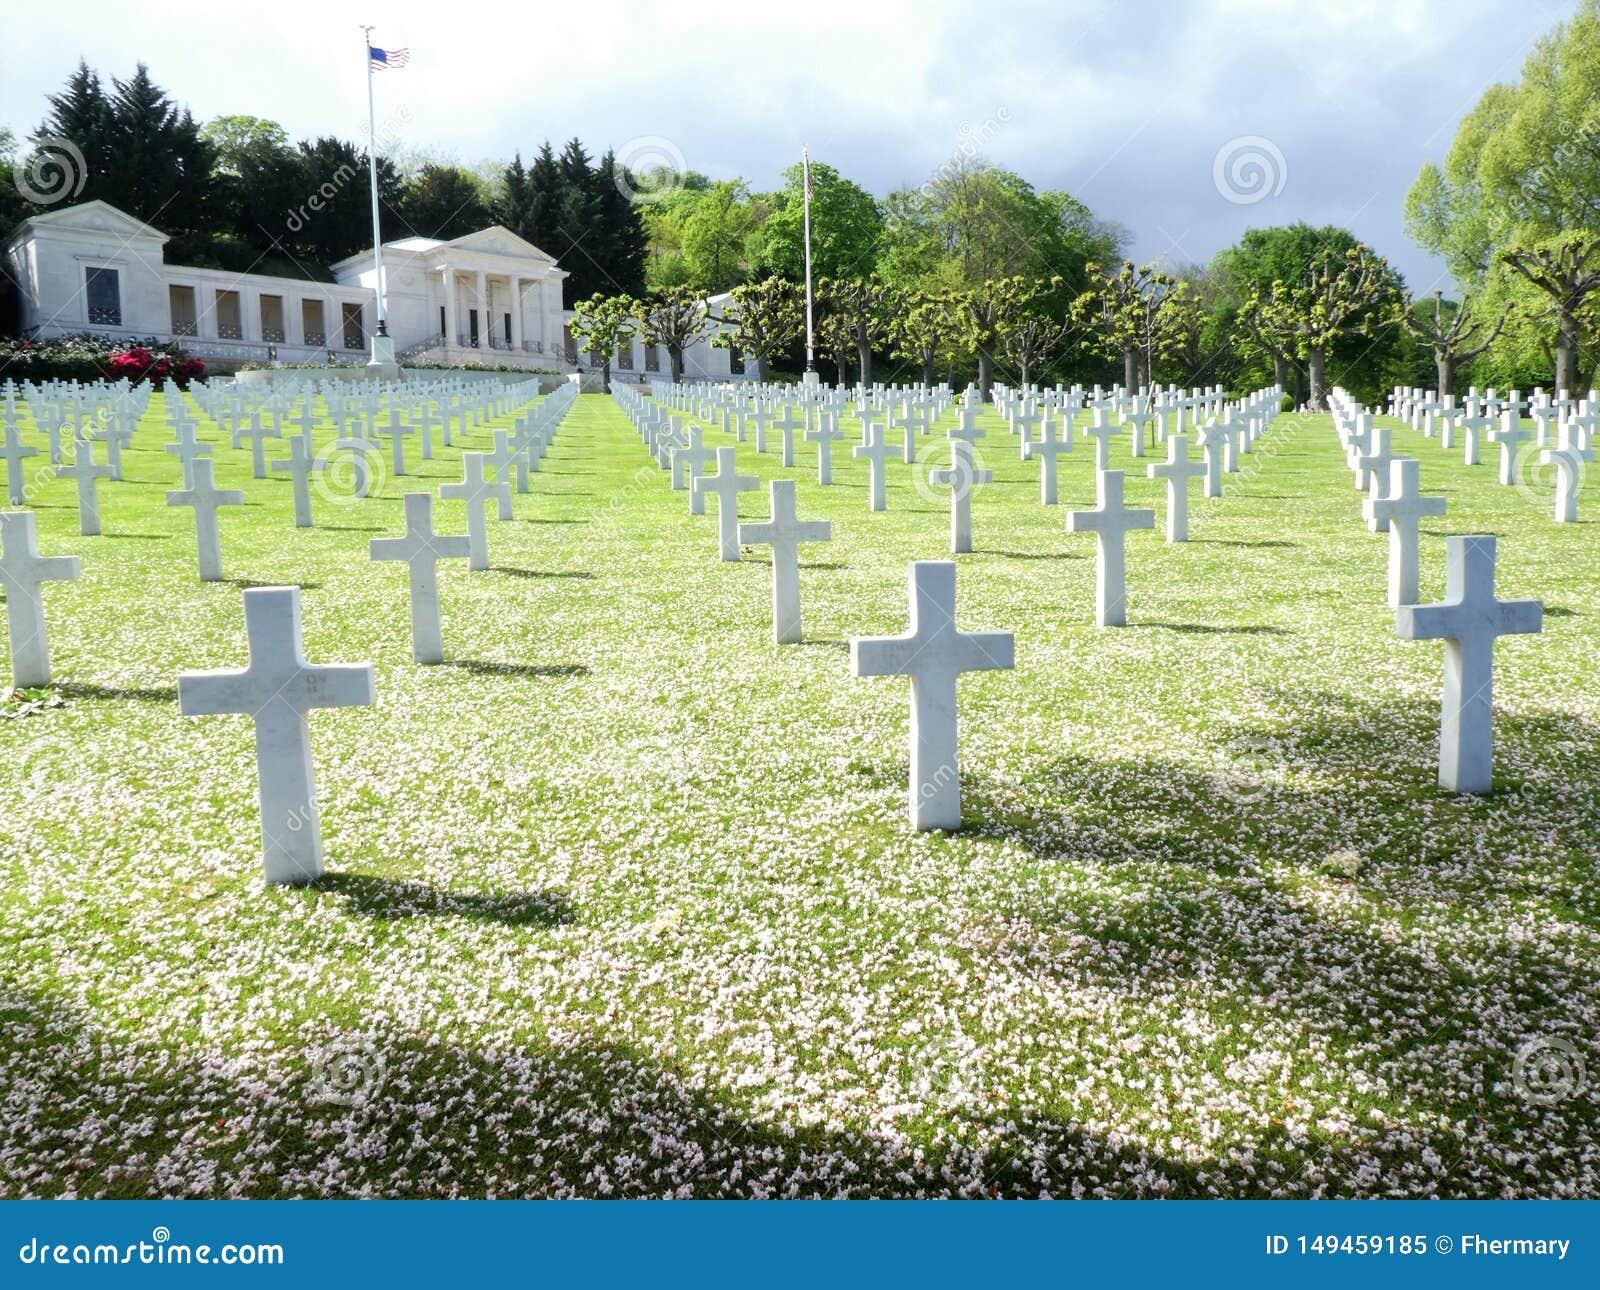 Amerikaans Begraafplaats en Gedenkteken van Suresnes, in Frankrijk, Europa